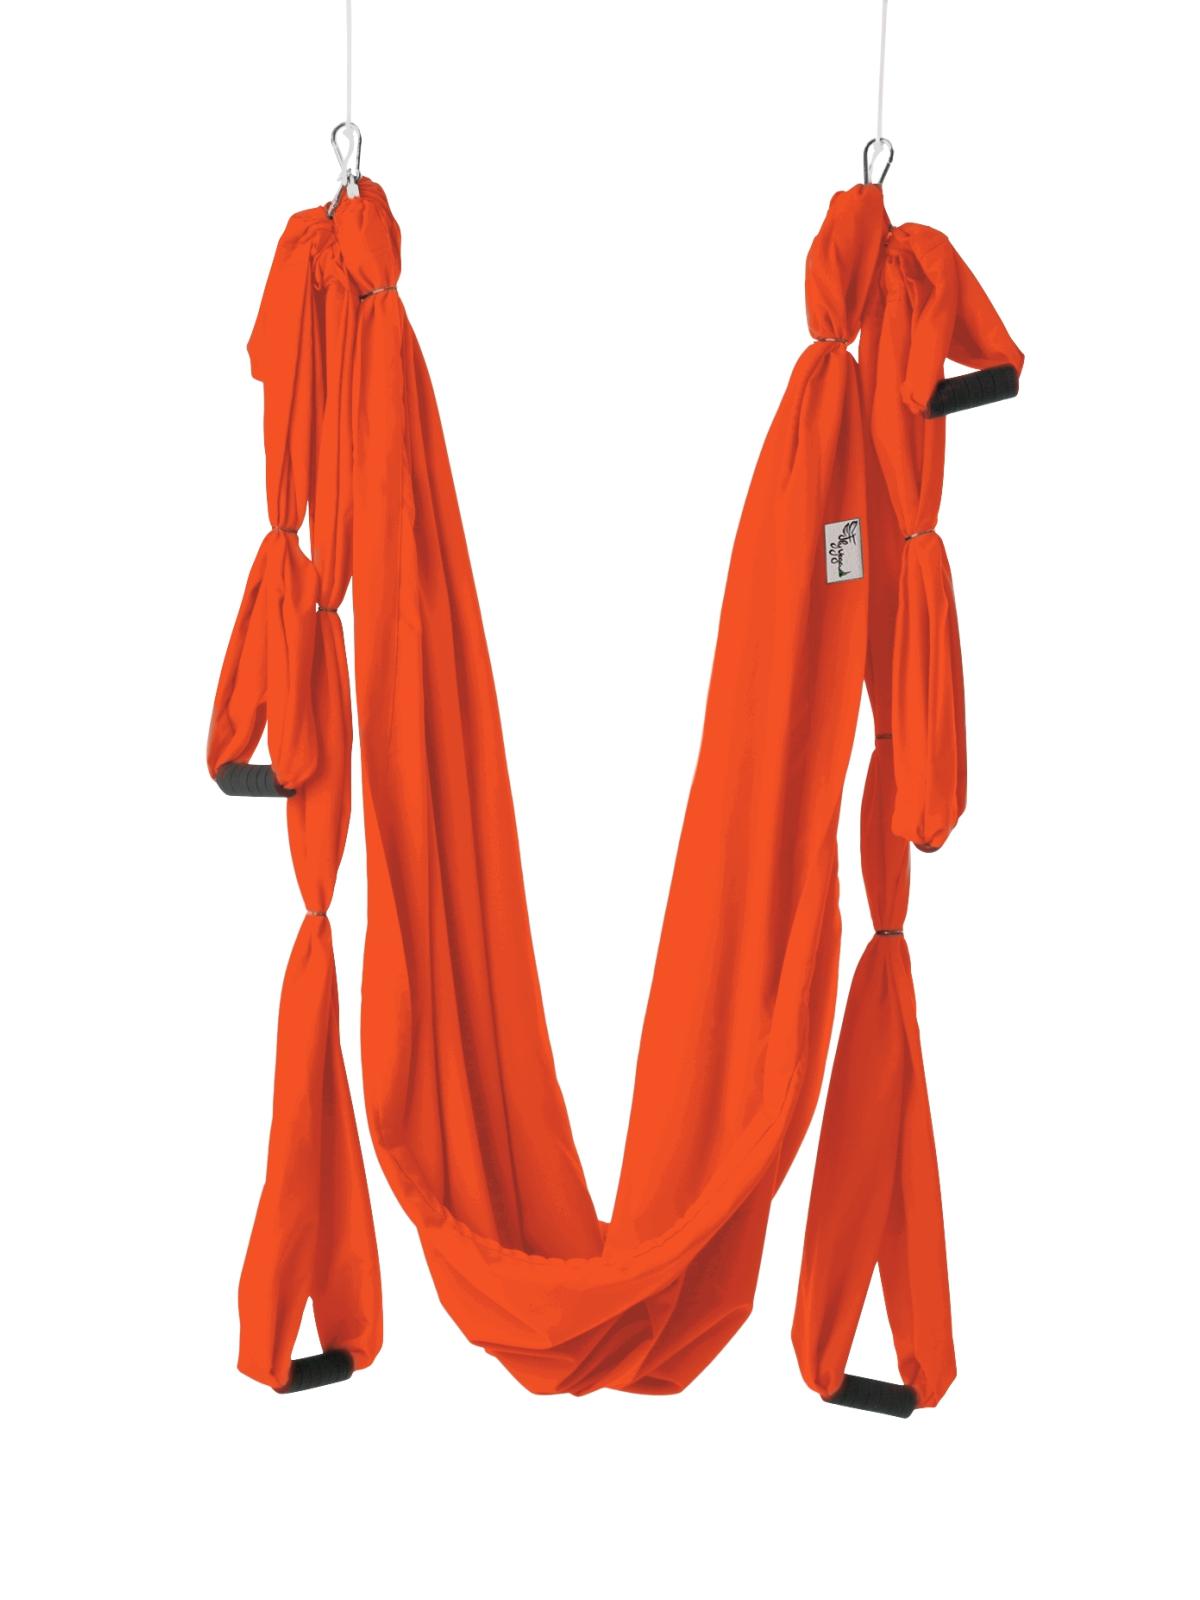 Гамак для йоги Fly Classic (2,3 кг, 270 см, оранжевый, 160см) йога гамак universal pro 1 6 кг 270 см красный 160см